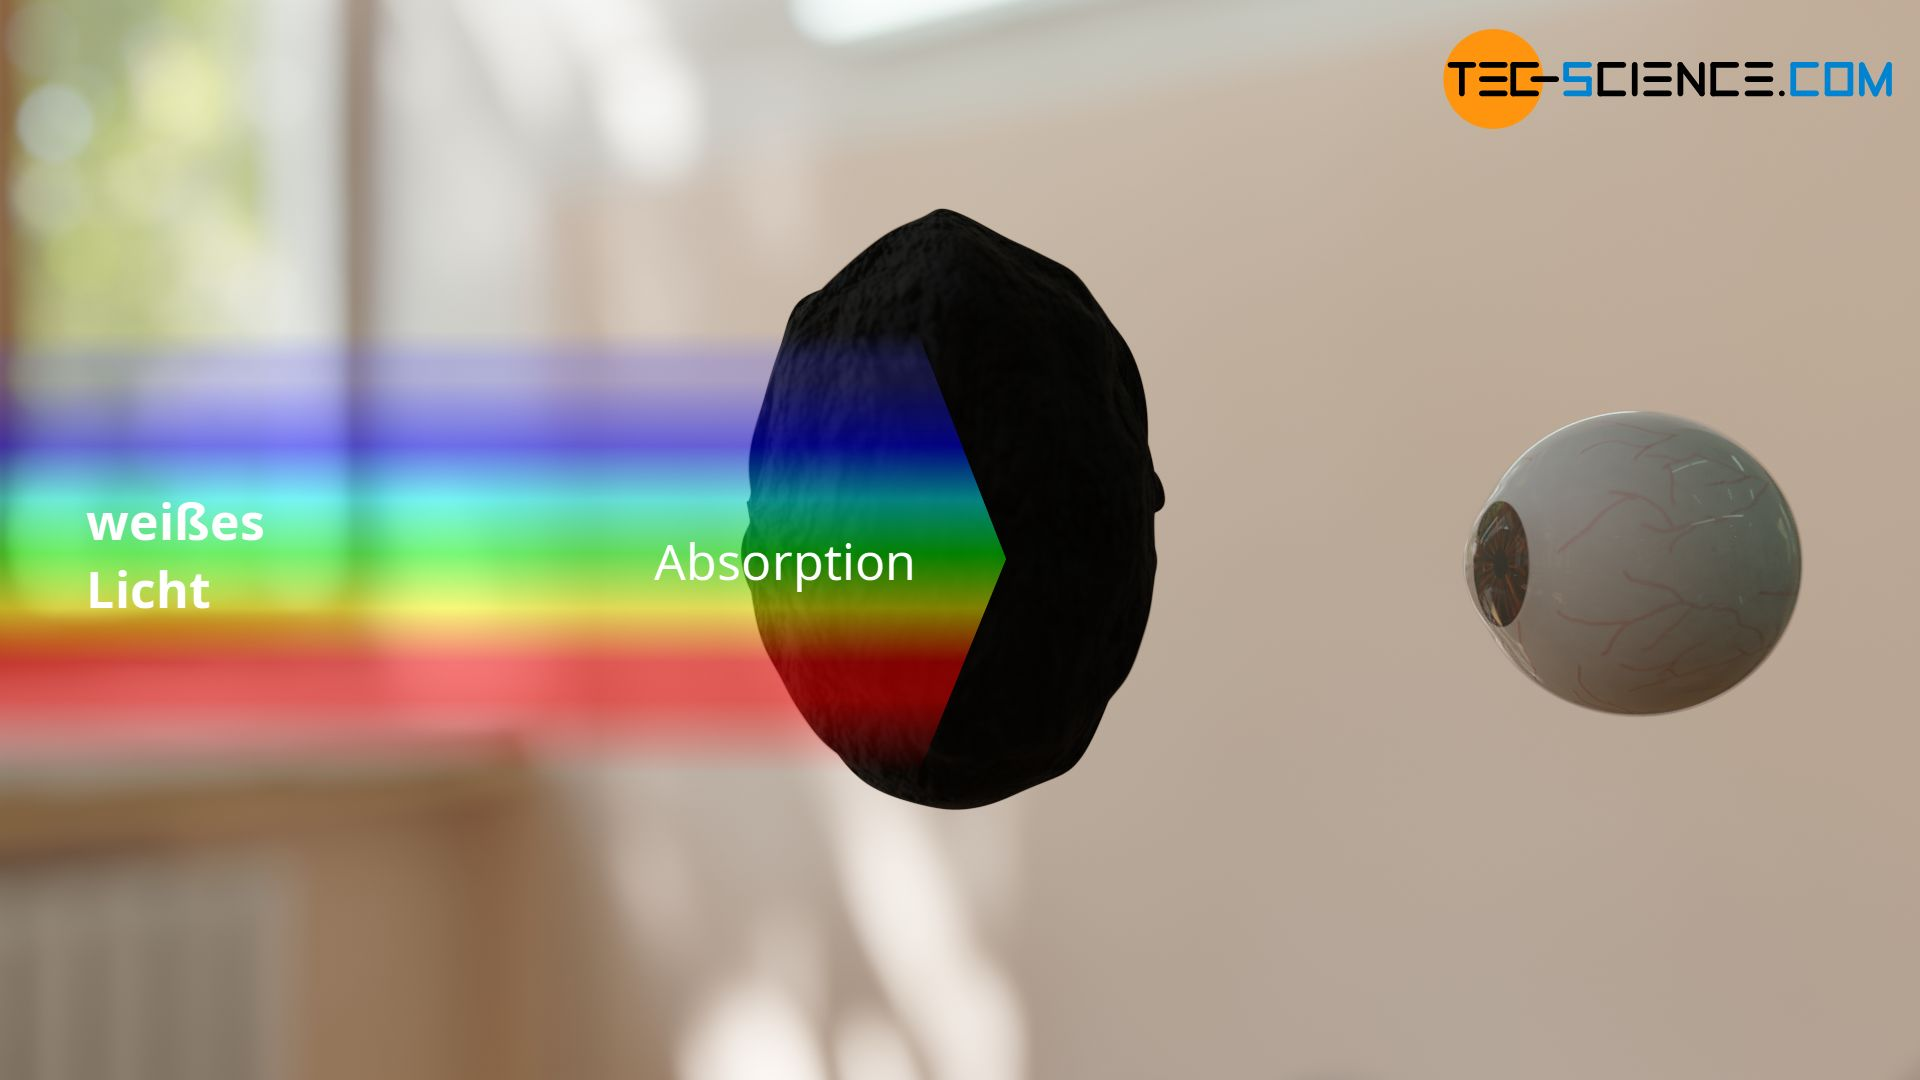 Farbwahrnehmung eines schwarzen Gegenstandes